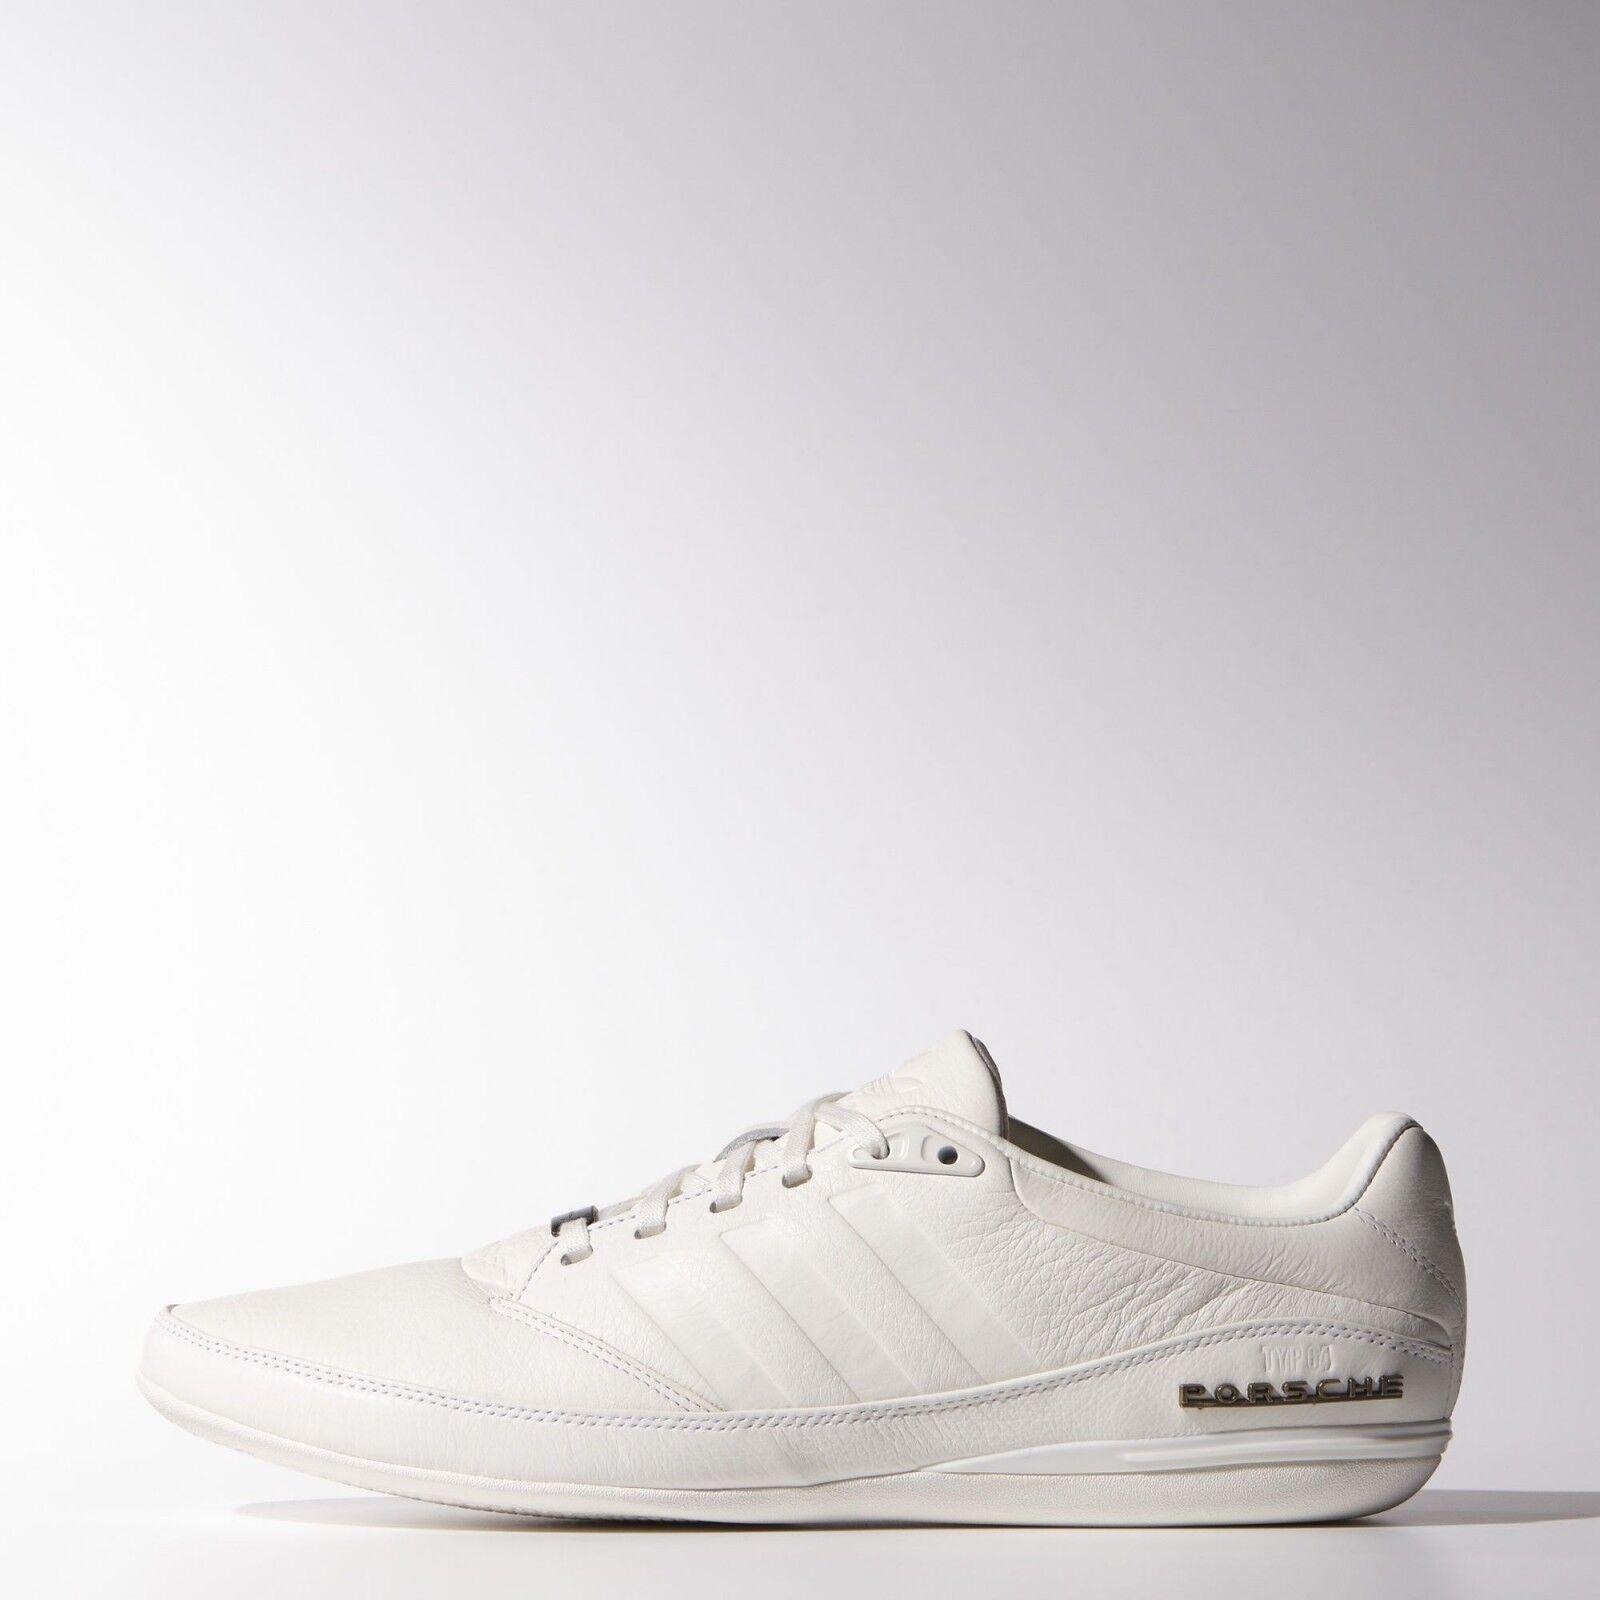 Nuevas Adidas Porsche Typ 64 2.0 Zapatos Tenis blancoos De Cuero